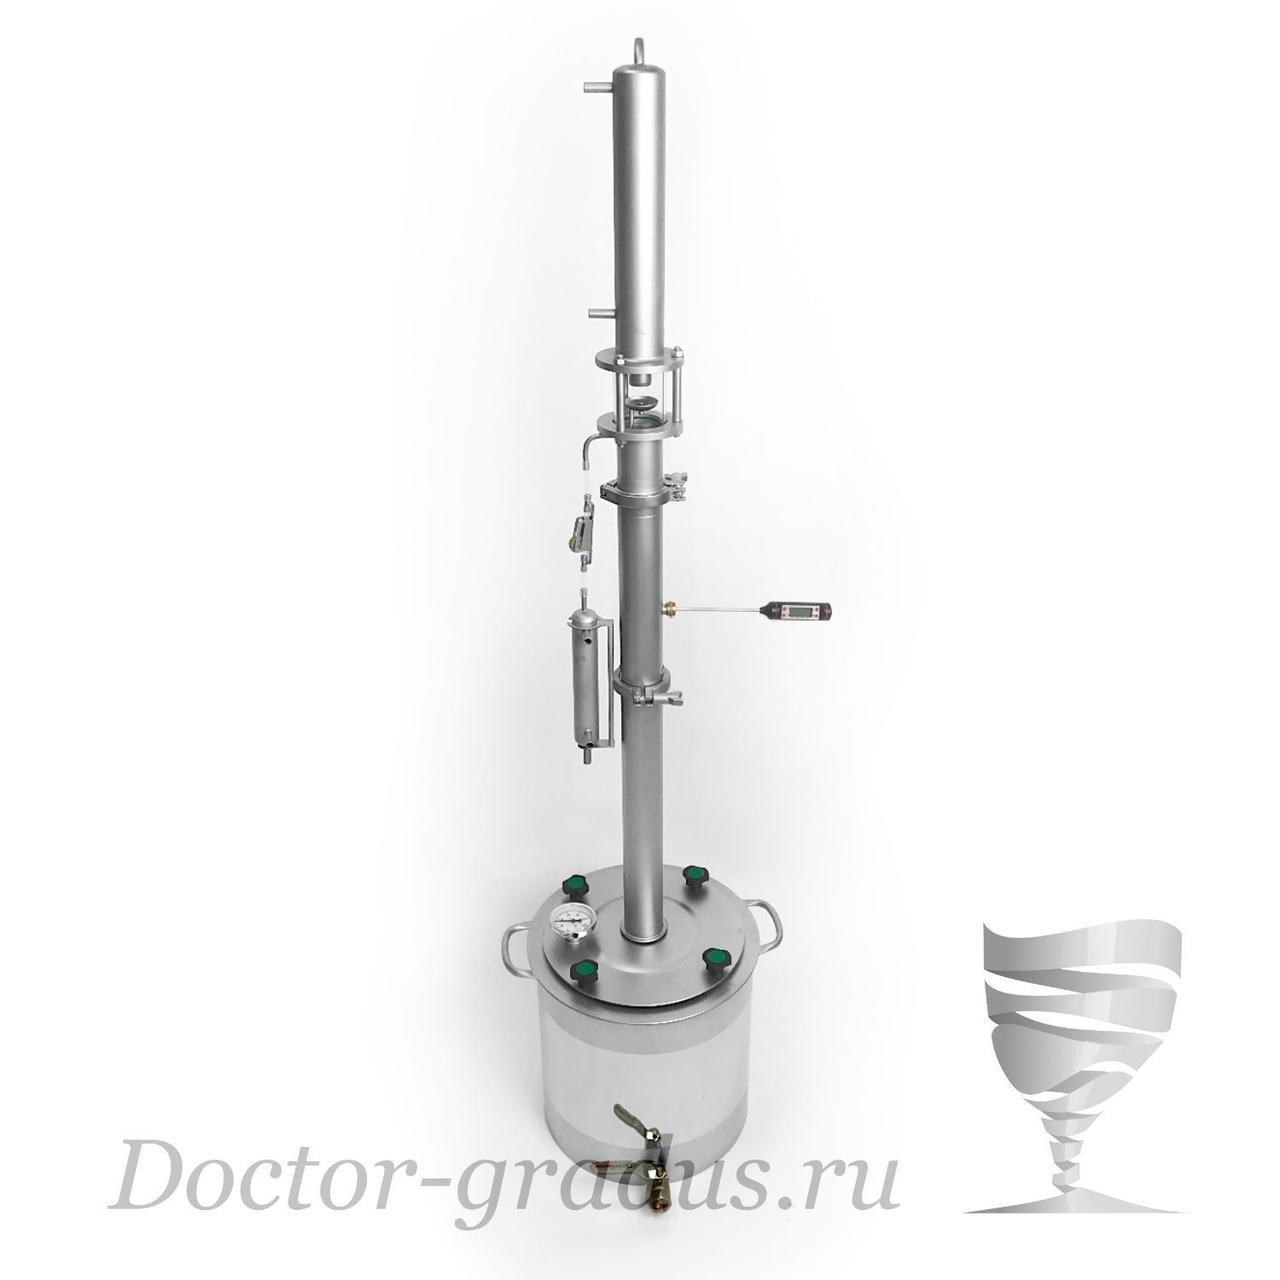 """Дистиллятор  Доктор Градус """"Стиллмен-Космо"""" с кубом 17 литров"""